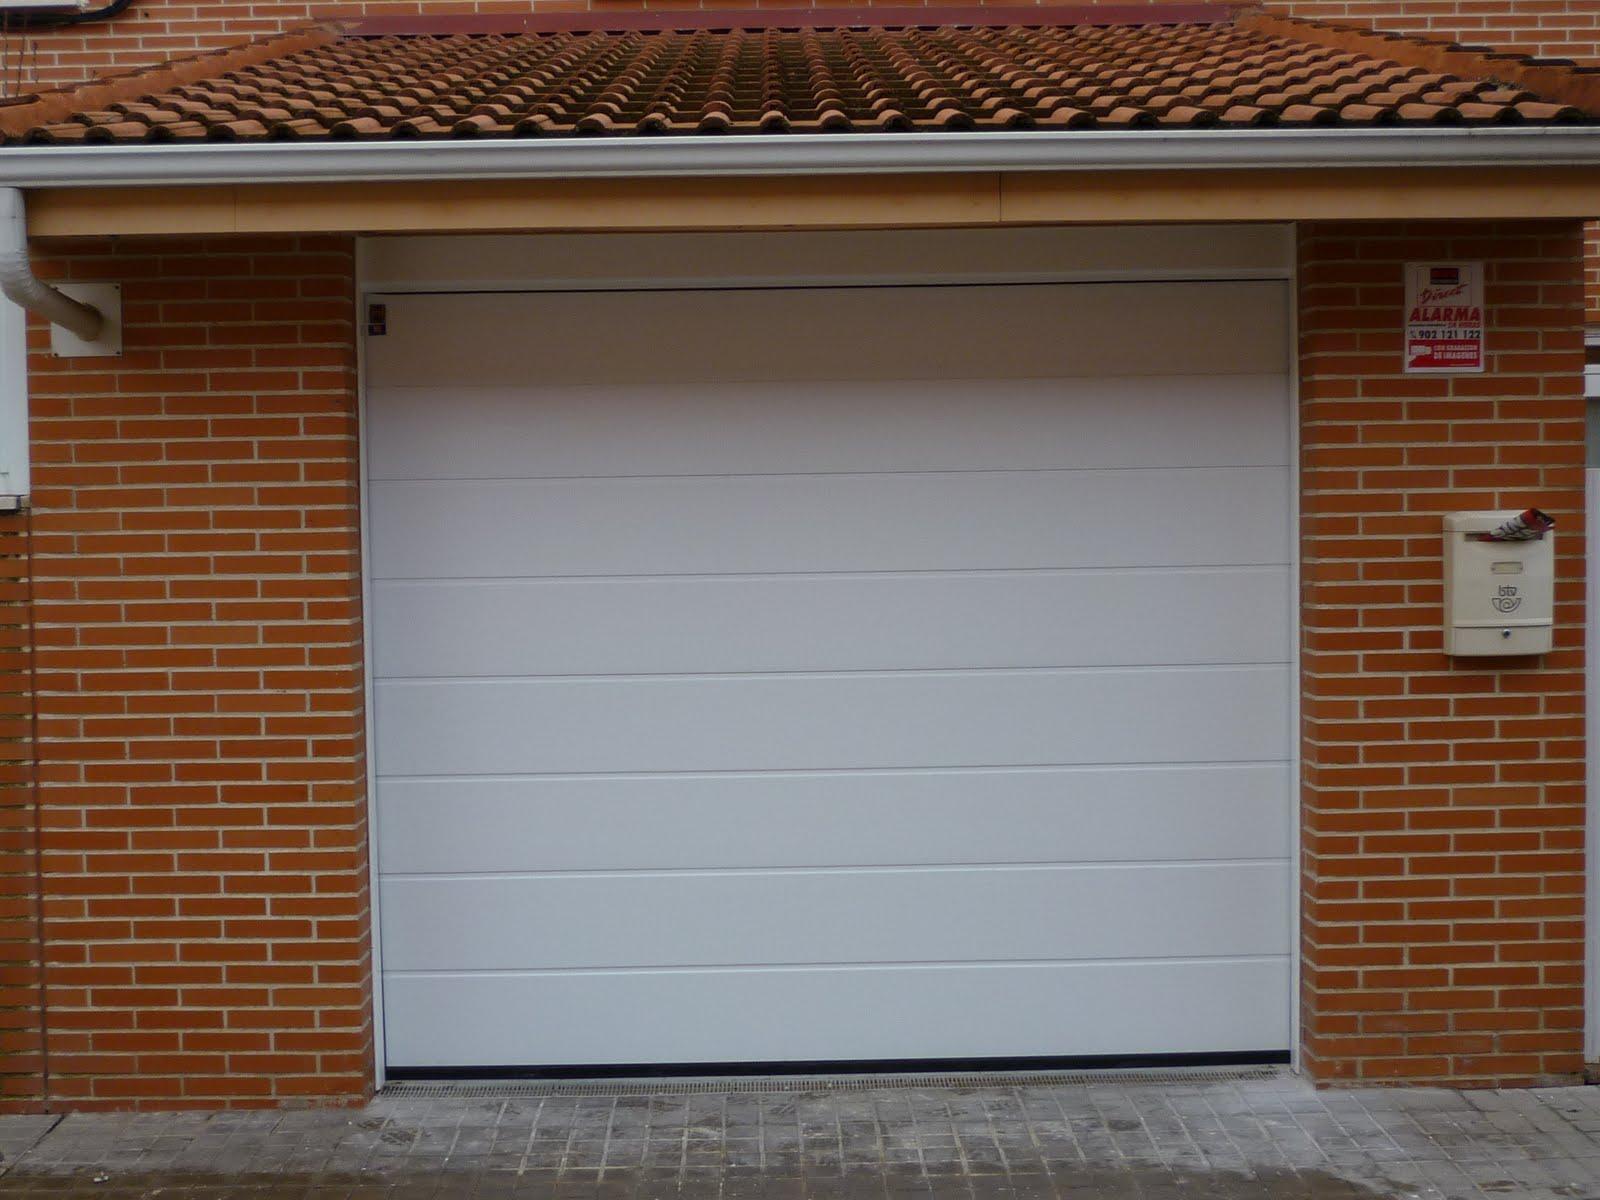 Nuevas tendencias en puertas de garaje - Puertas de garaje ...